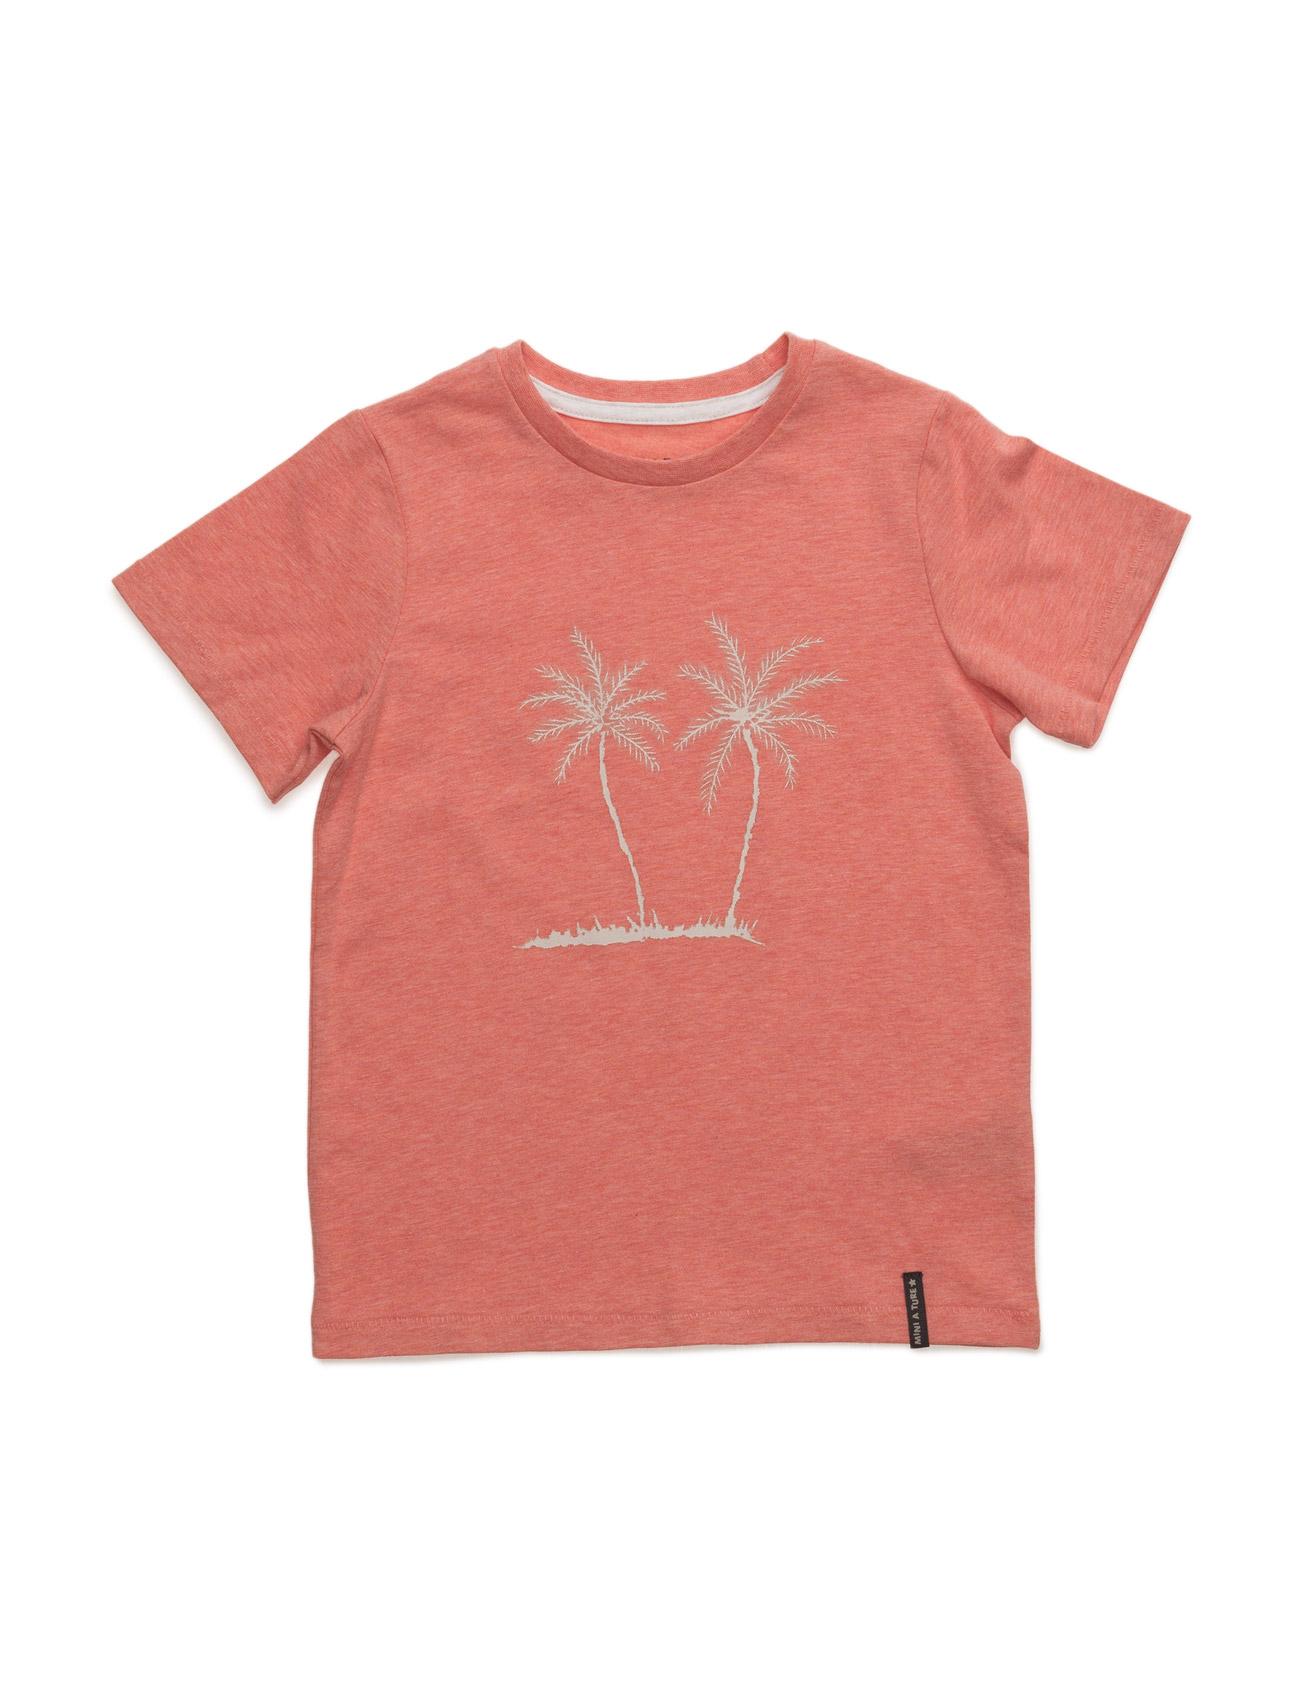 Mini A Ture Palmtree, MK T-Shirt LS